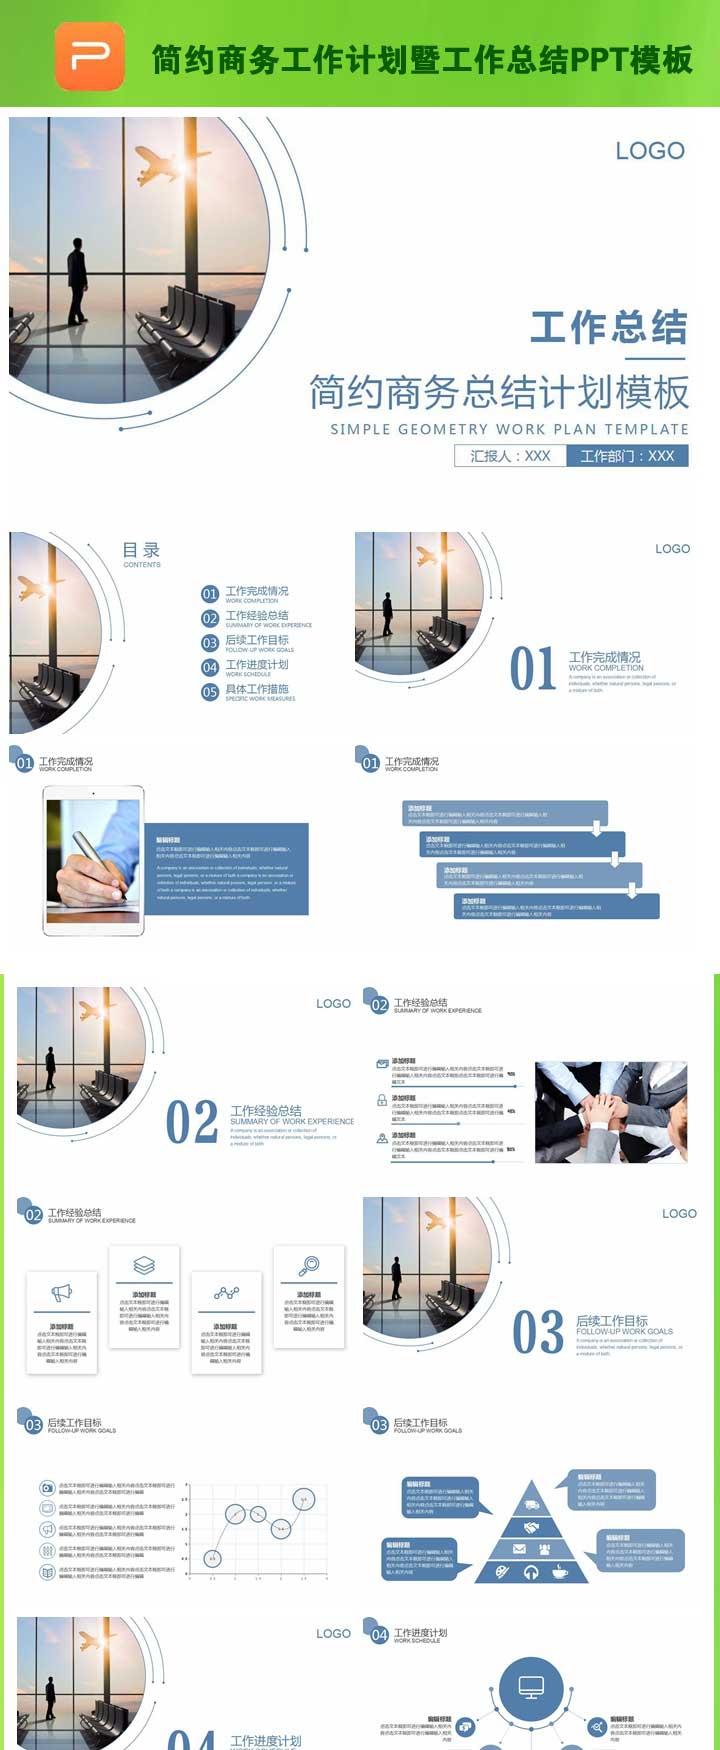 简约商务工作计划暨工作总结PPT模板